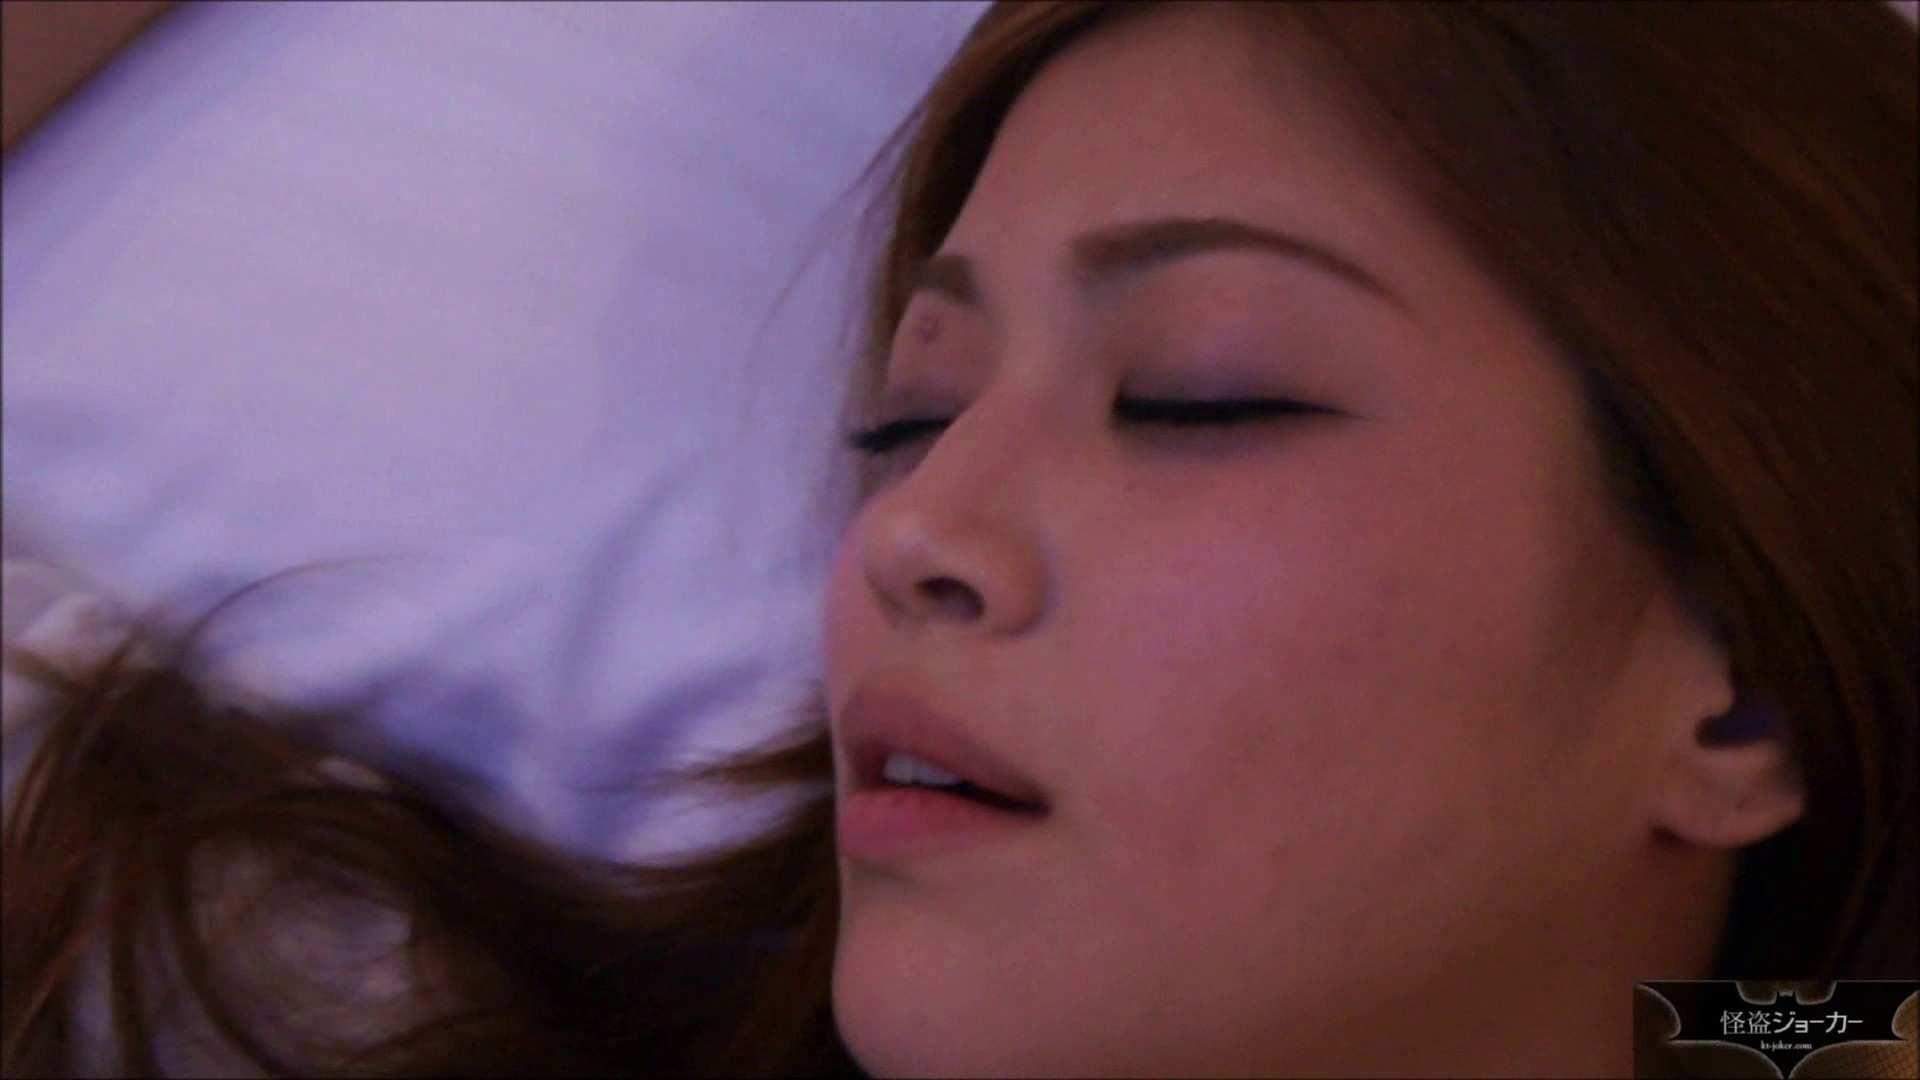 【未公開】vol.8 セレブ美魔女・ユキさんとの密会後・・・ OLの実態  63pic 5